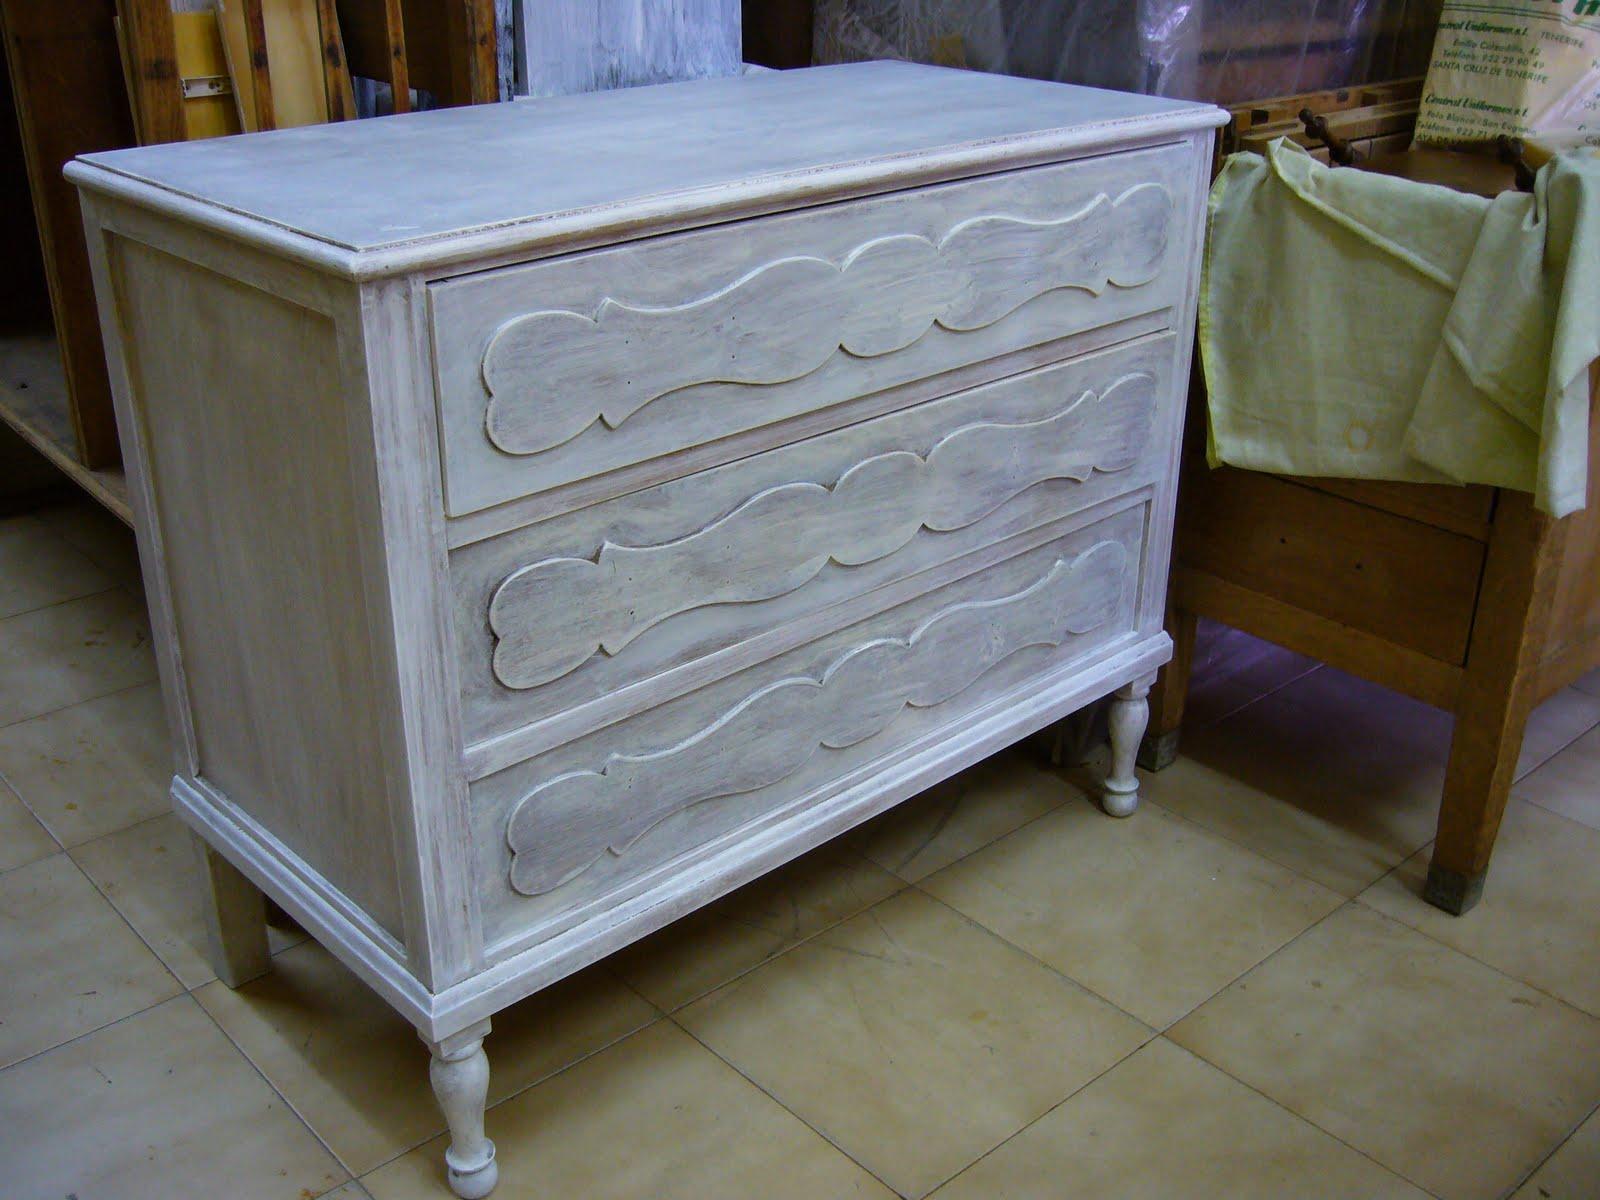 La restauradora muebles patinados algunos trabajos - Pintura blanco roto ...